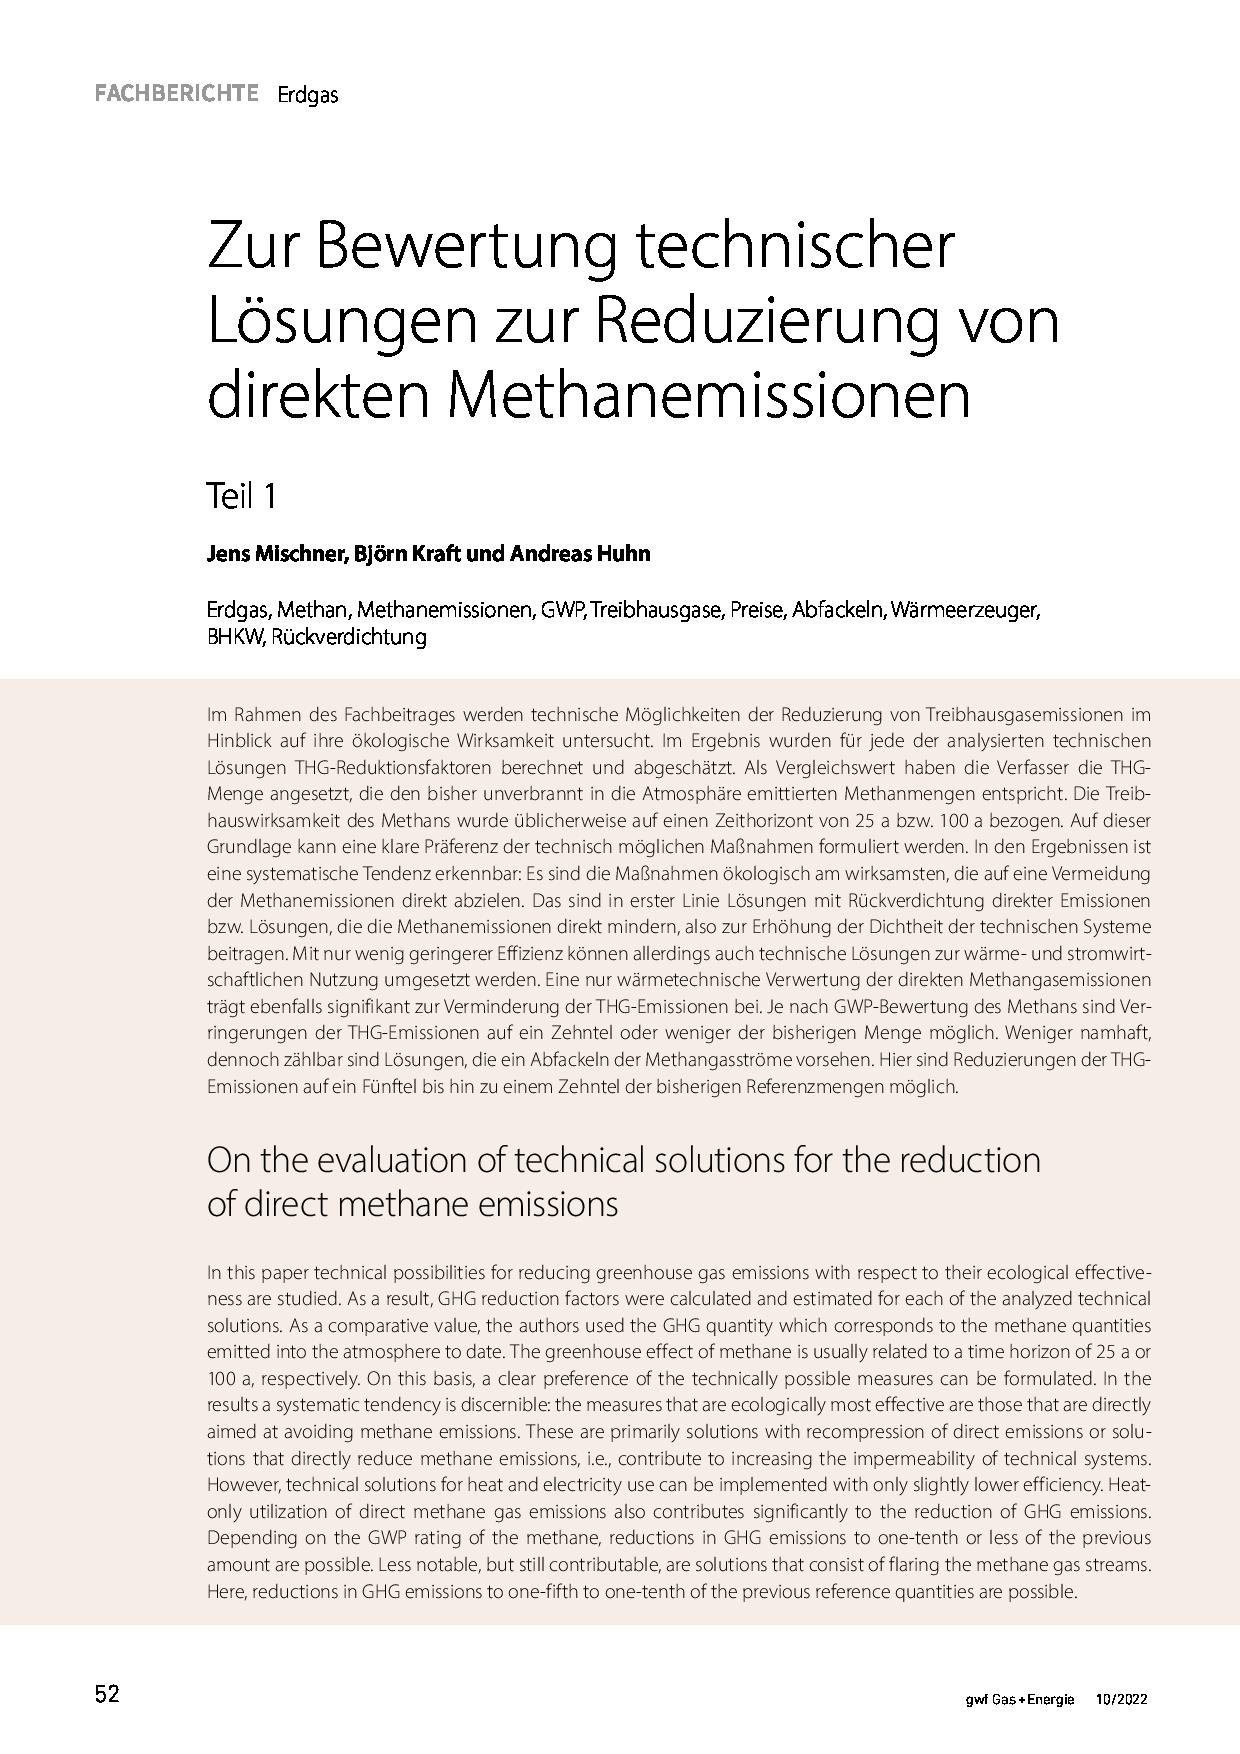 Konzepte für Erdgasverflüssigungsanlagen an Netzknotenpunkten mit Gasdruckminderung